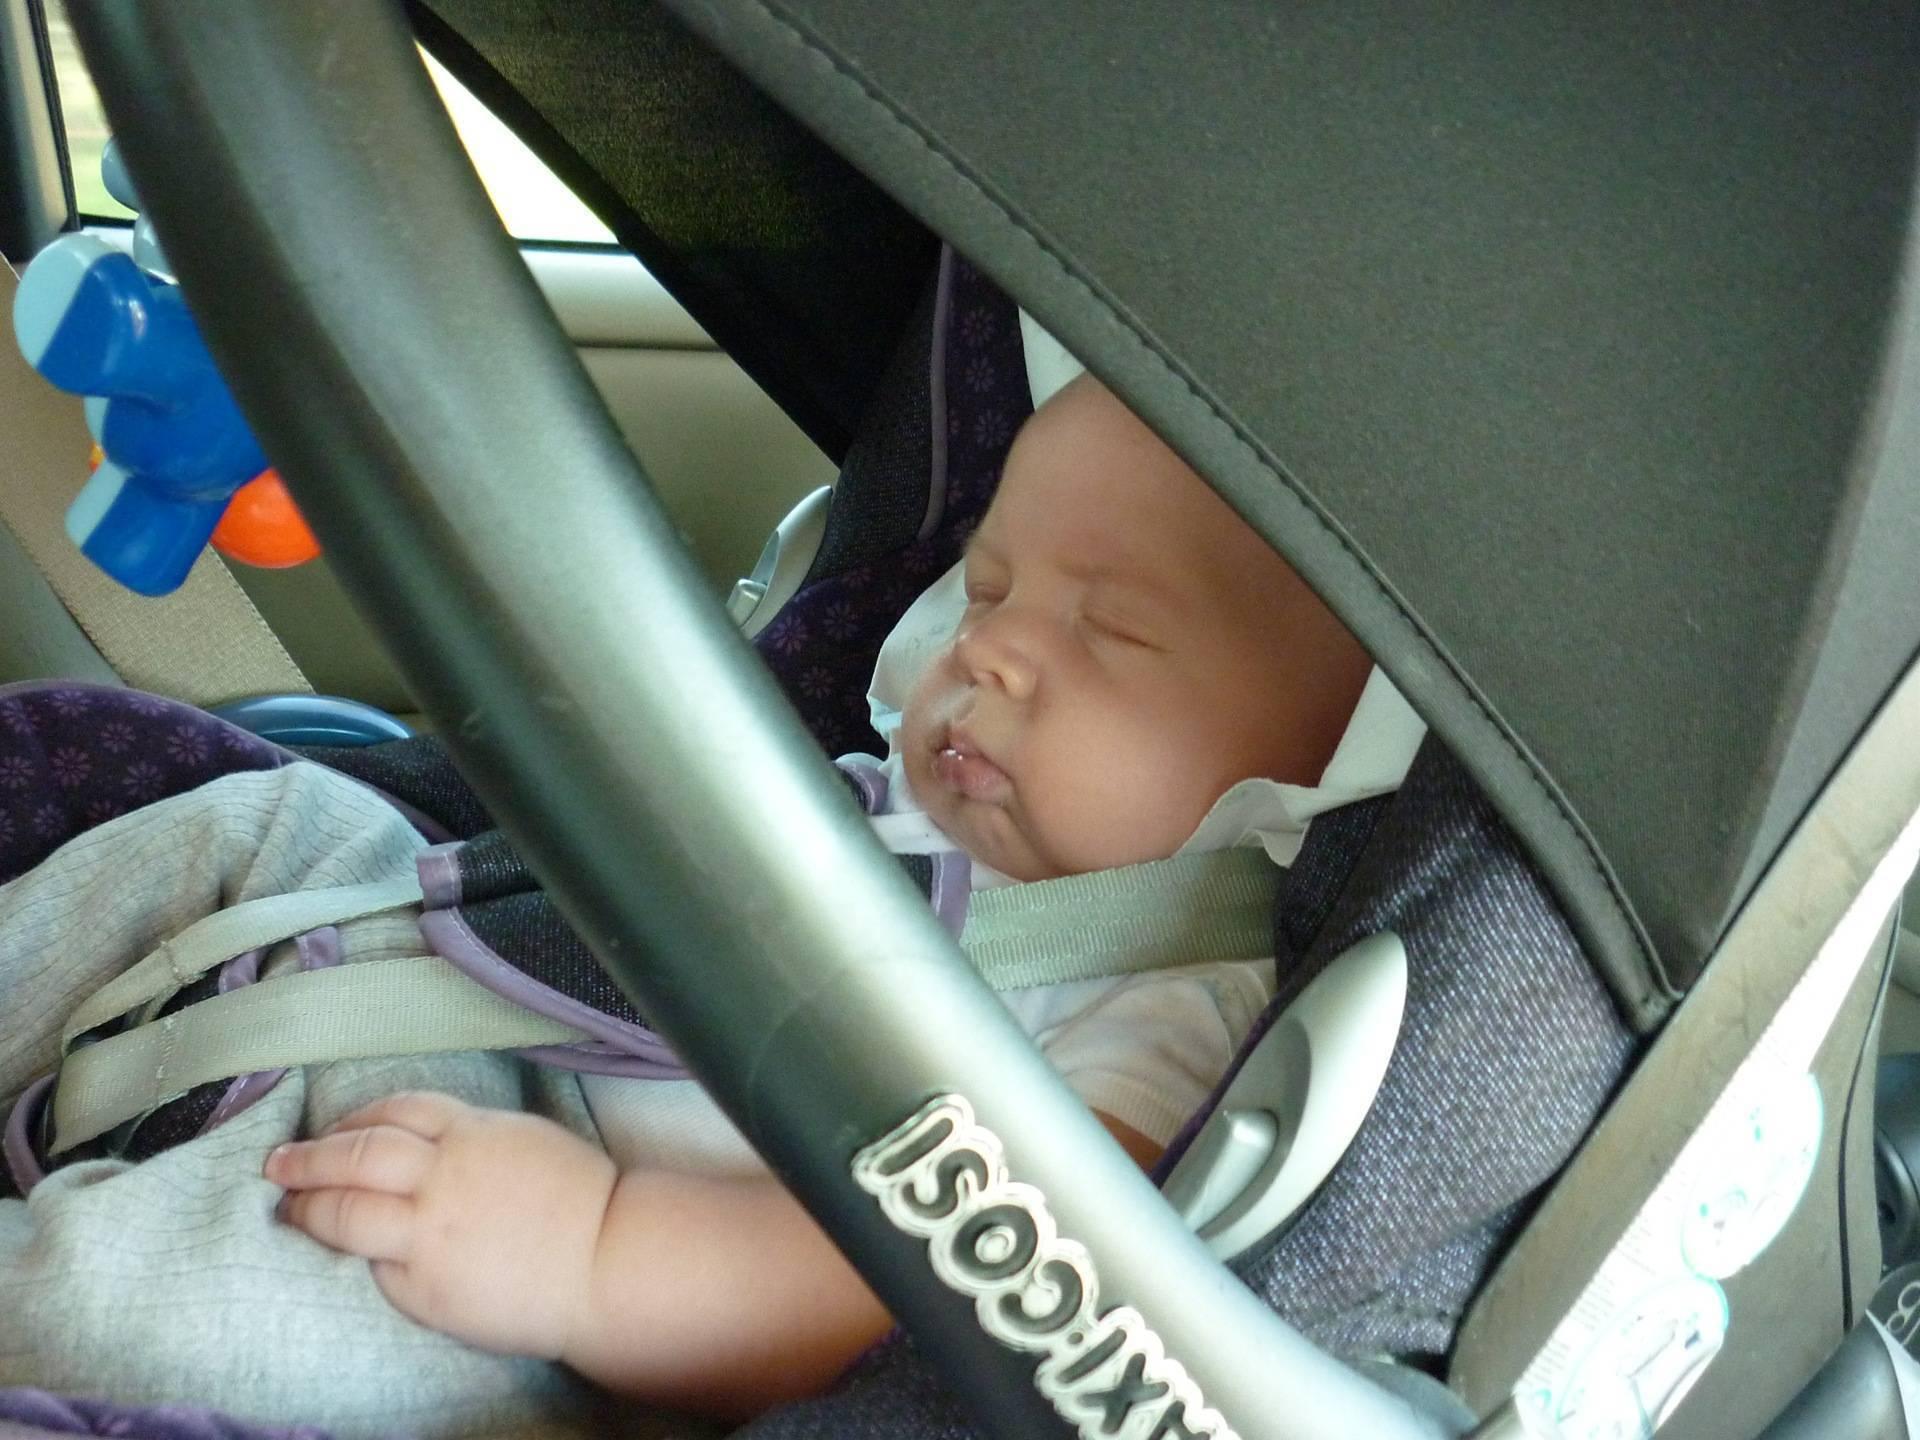 Как правильно перевозить детей в машине 2020 году? | помощь водителям в 2020 и 2021 году